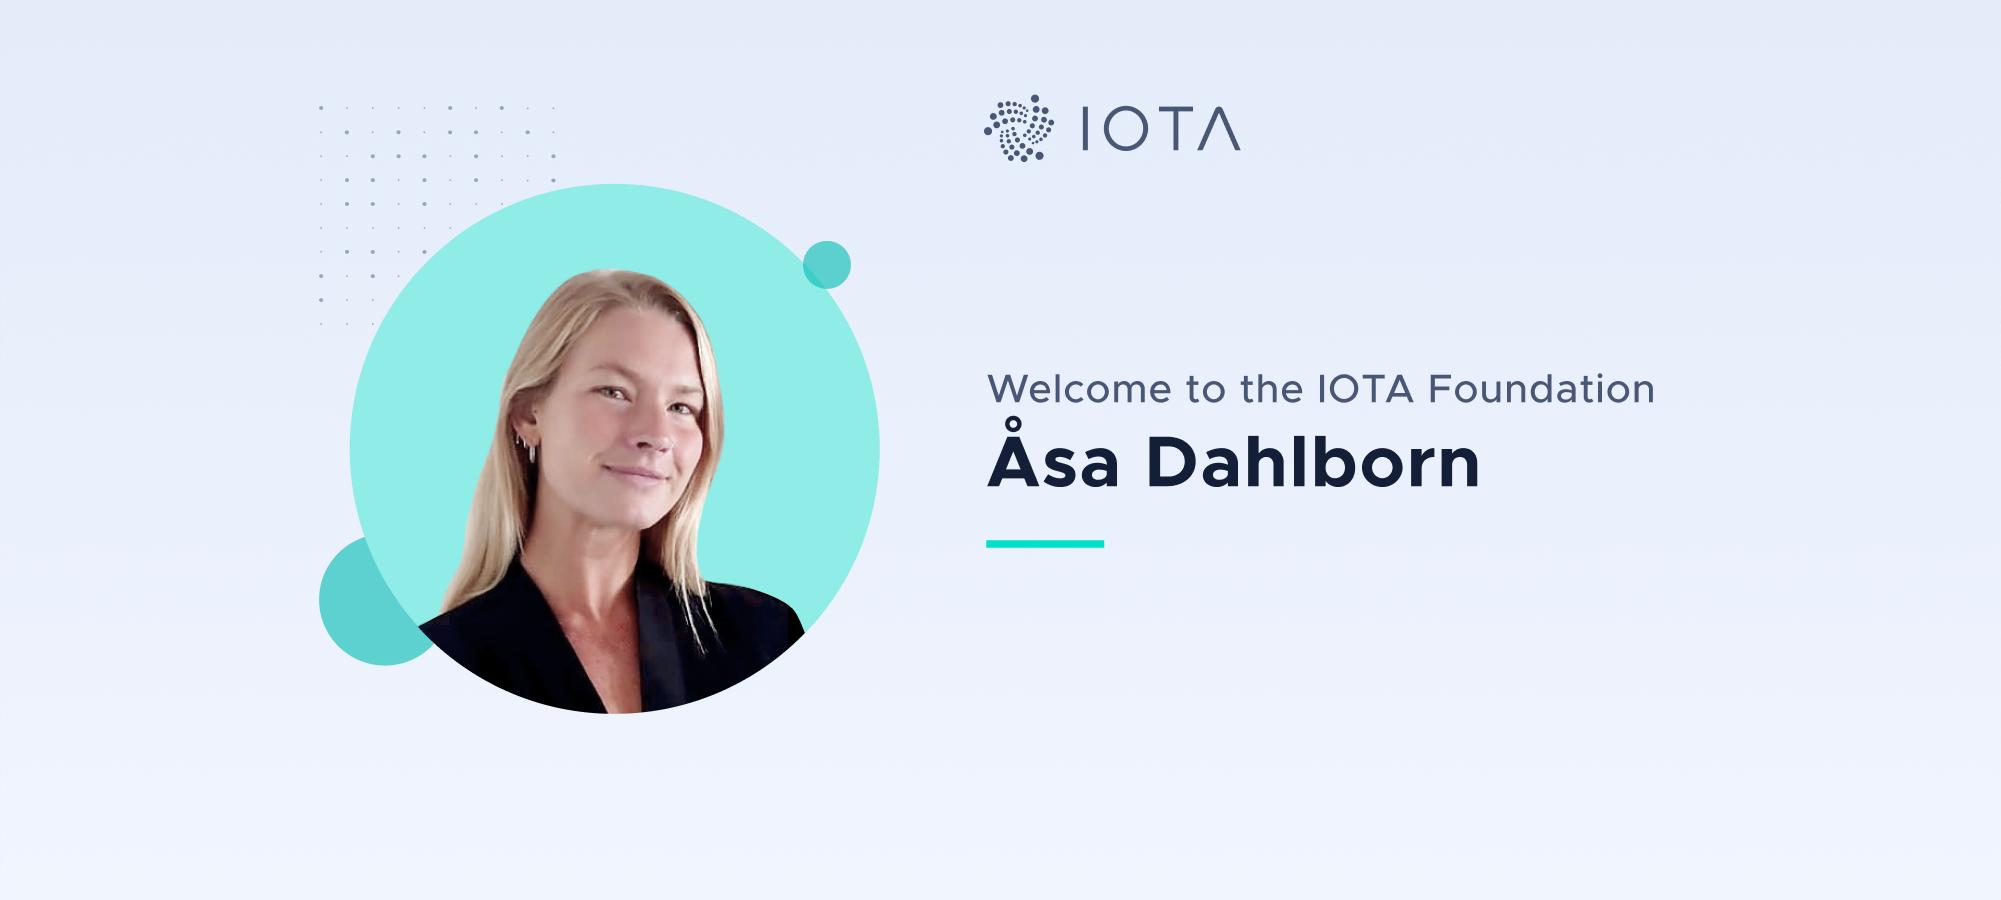 Welcome Åsa Dahlborn to the IOTA Foundation